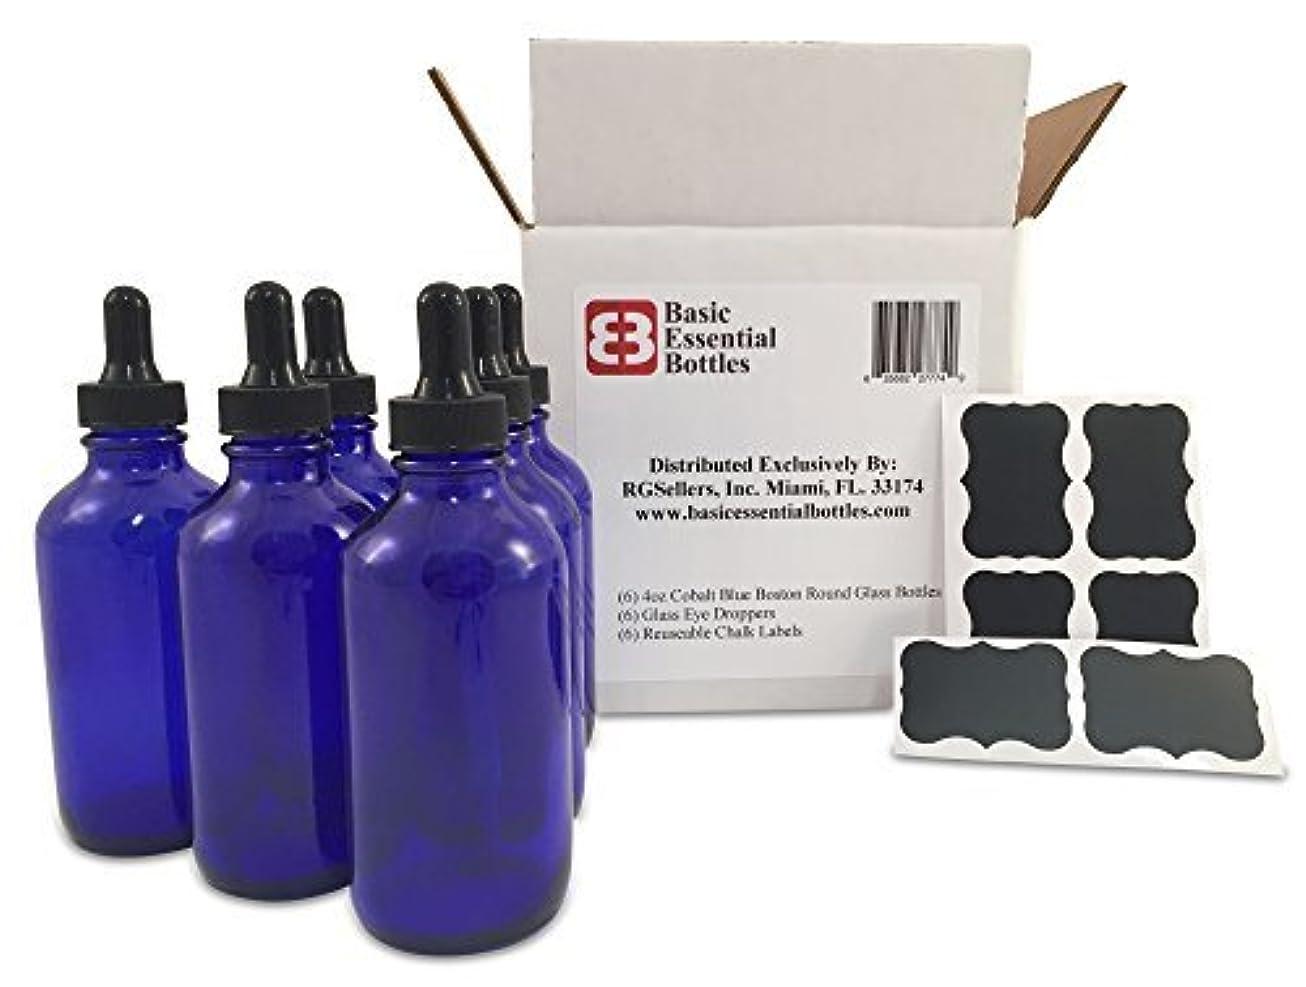 聖職者ポイントダム(6) 4 oz Empty Cobalt Blue Glass Bottles W/Glass Eye Droppers and (6) Chalk Labels for Essential Oils, Aromatherapy...